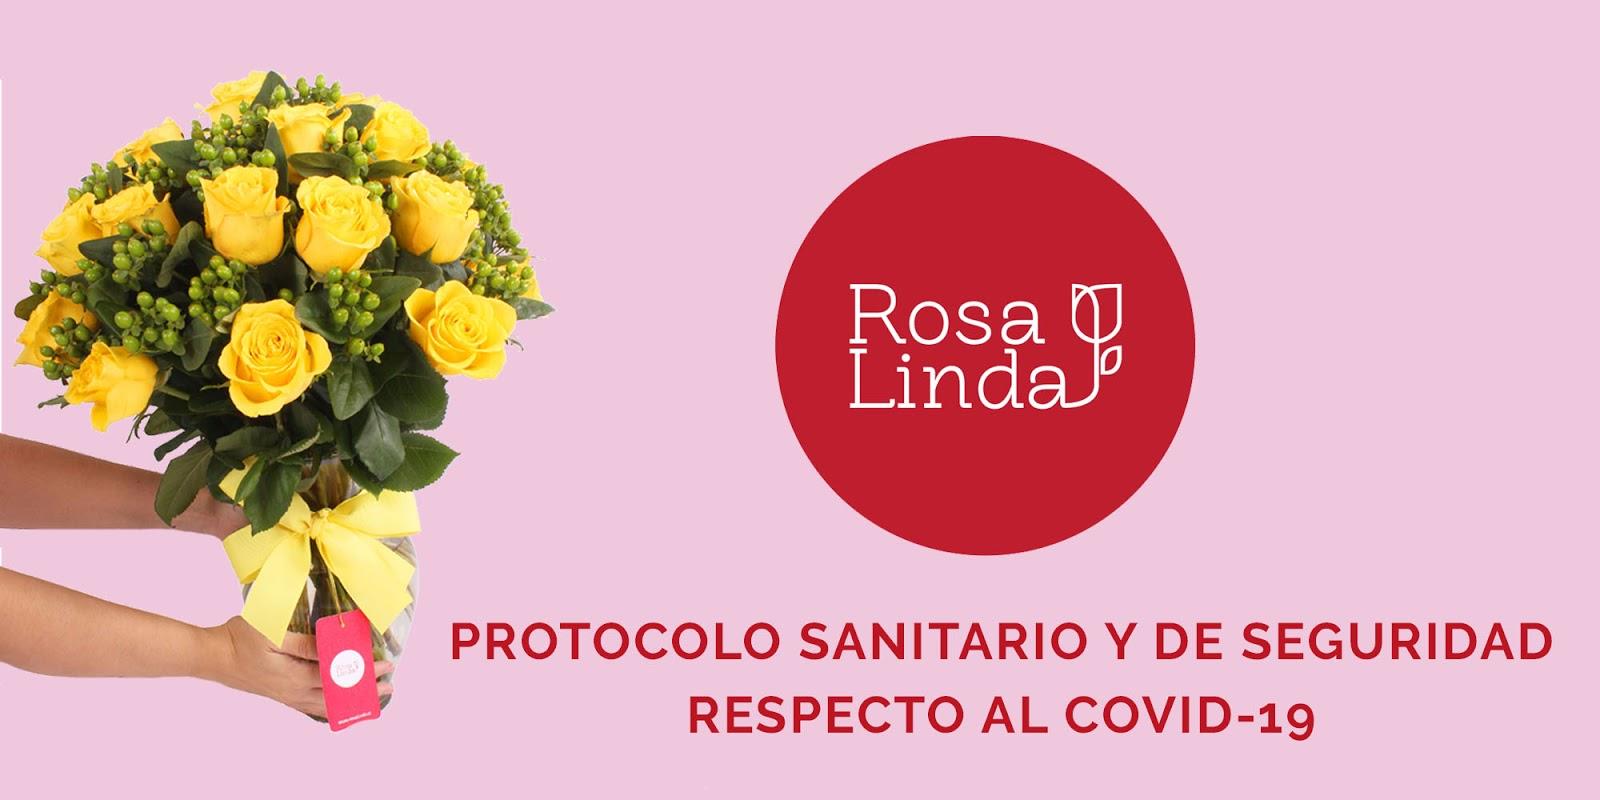 Protocolos sanitarios y de seguridad en #FloreríaRosalinda respecto al COVID-19